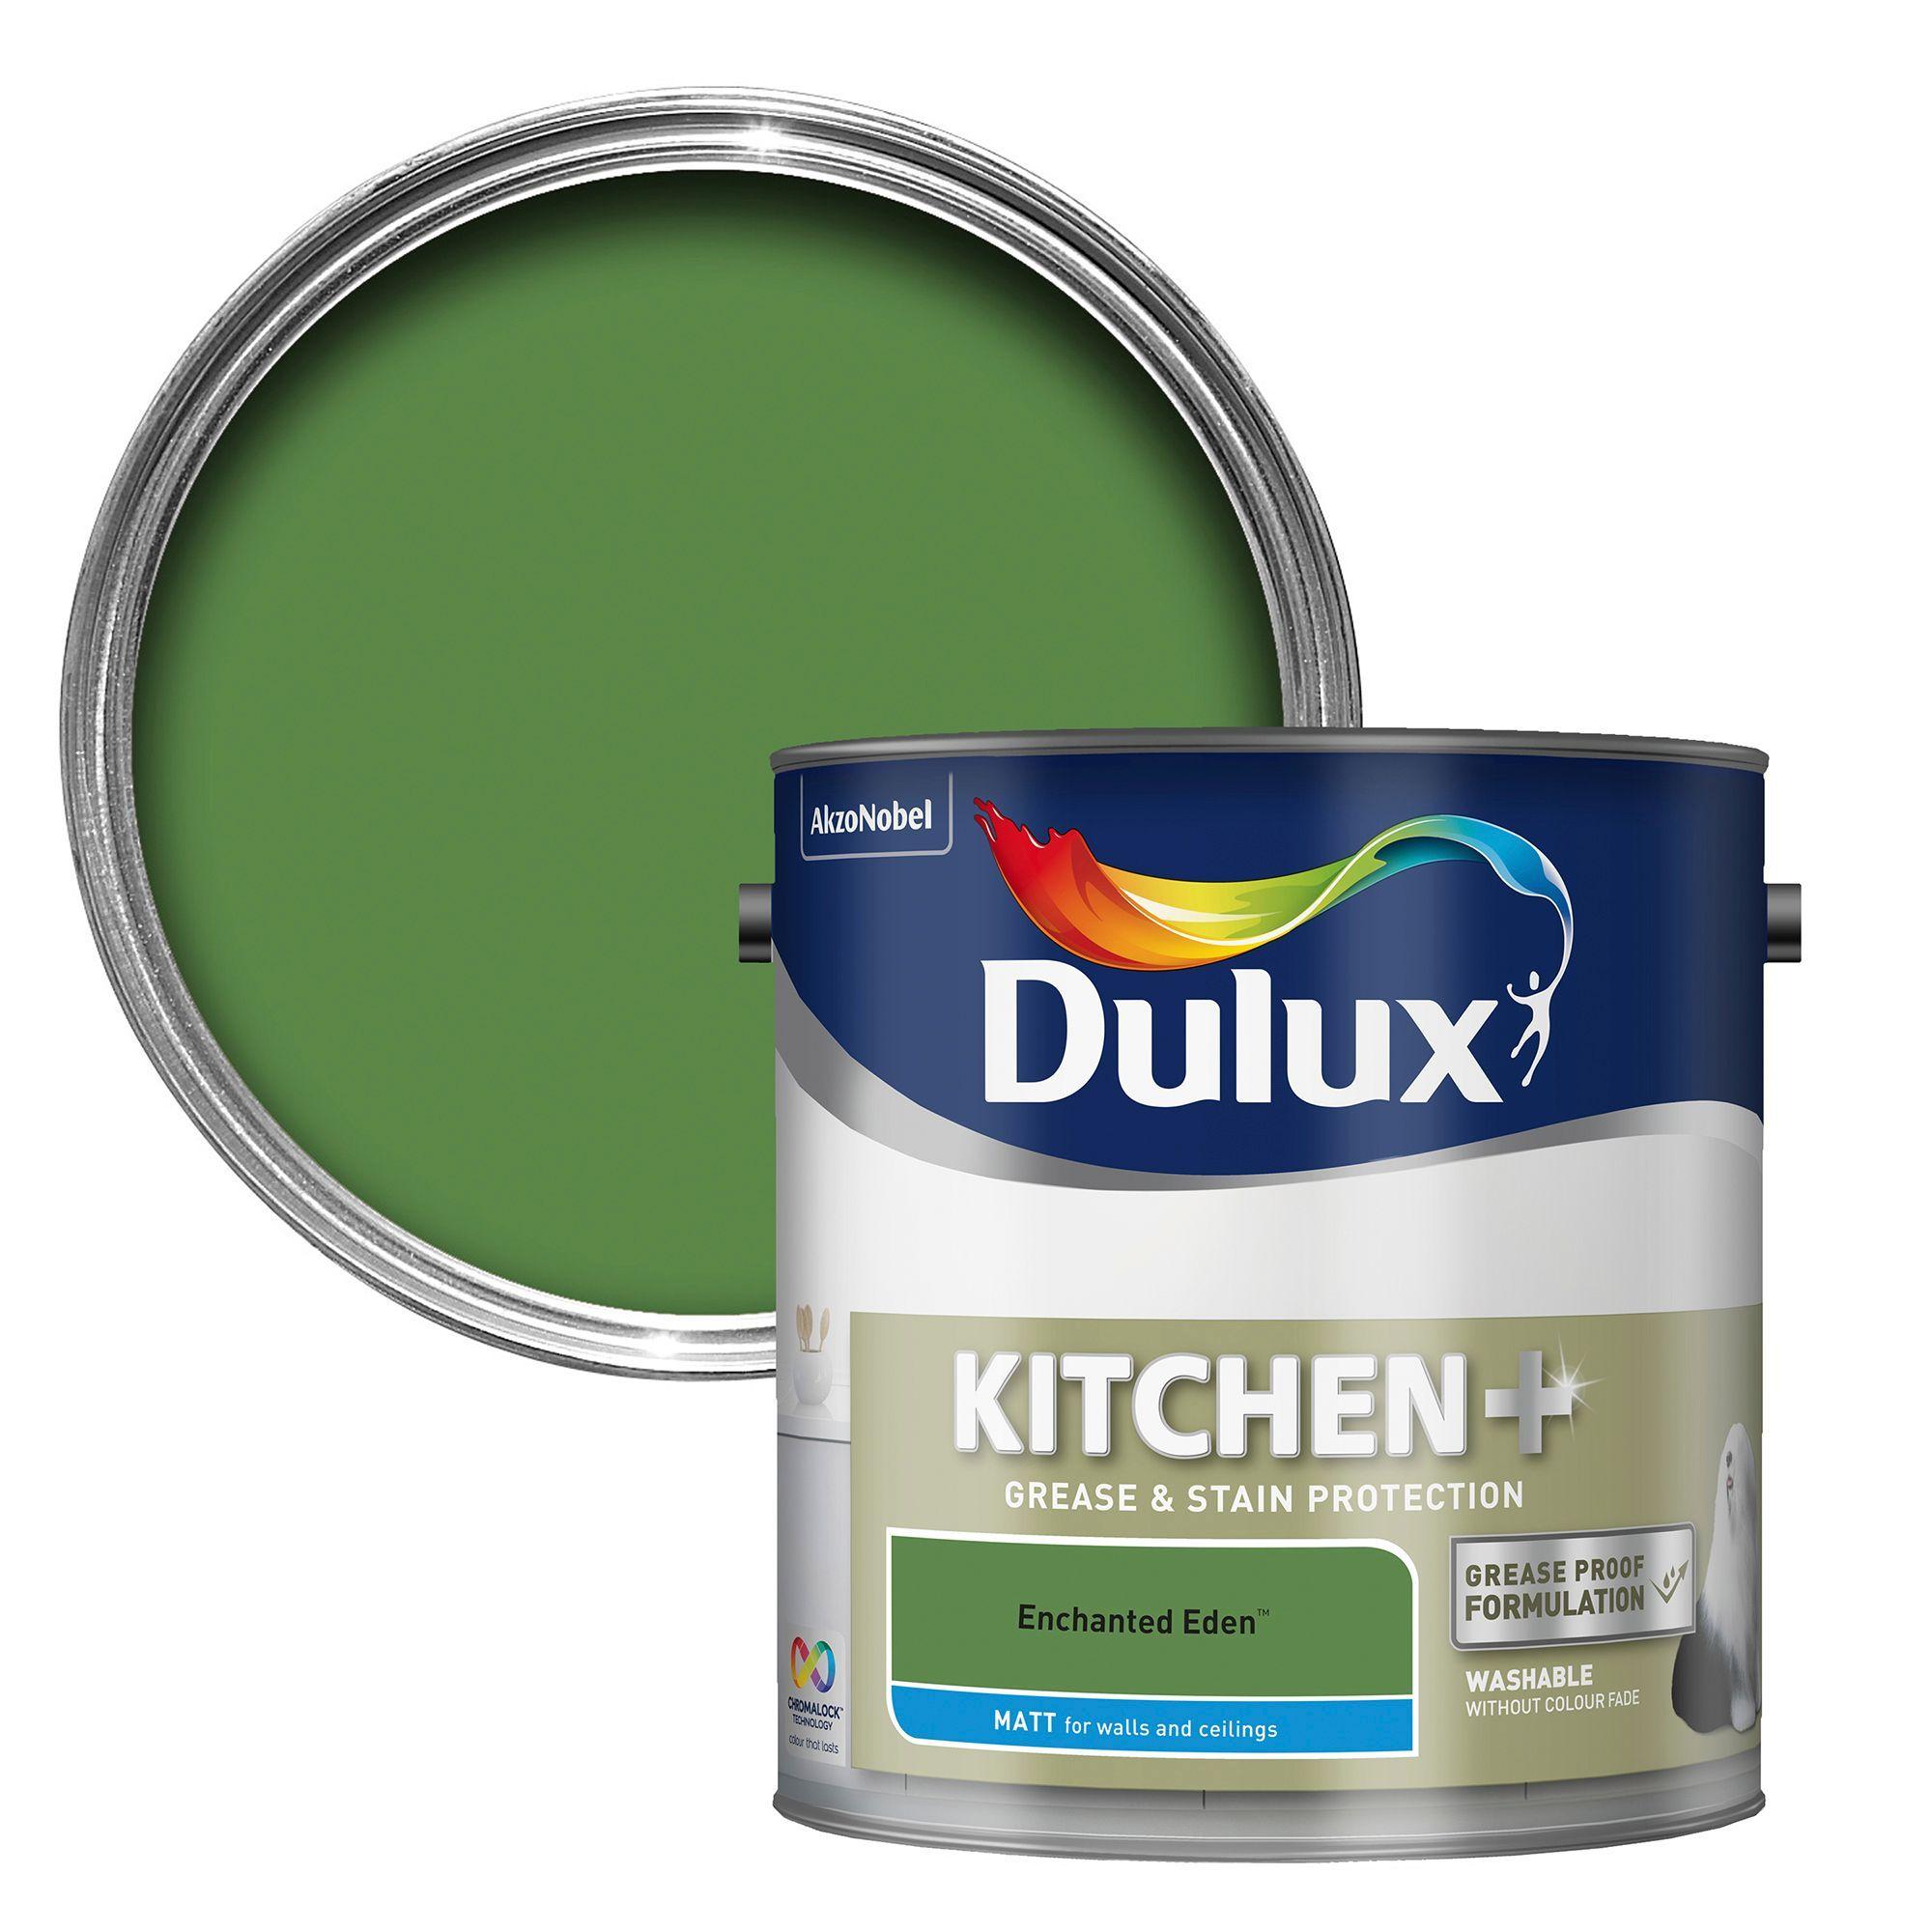 Dulux Kitchen Enchanted Eden Matt Emulsion Paint 2.5L